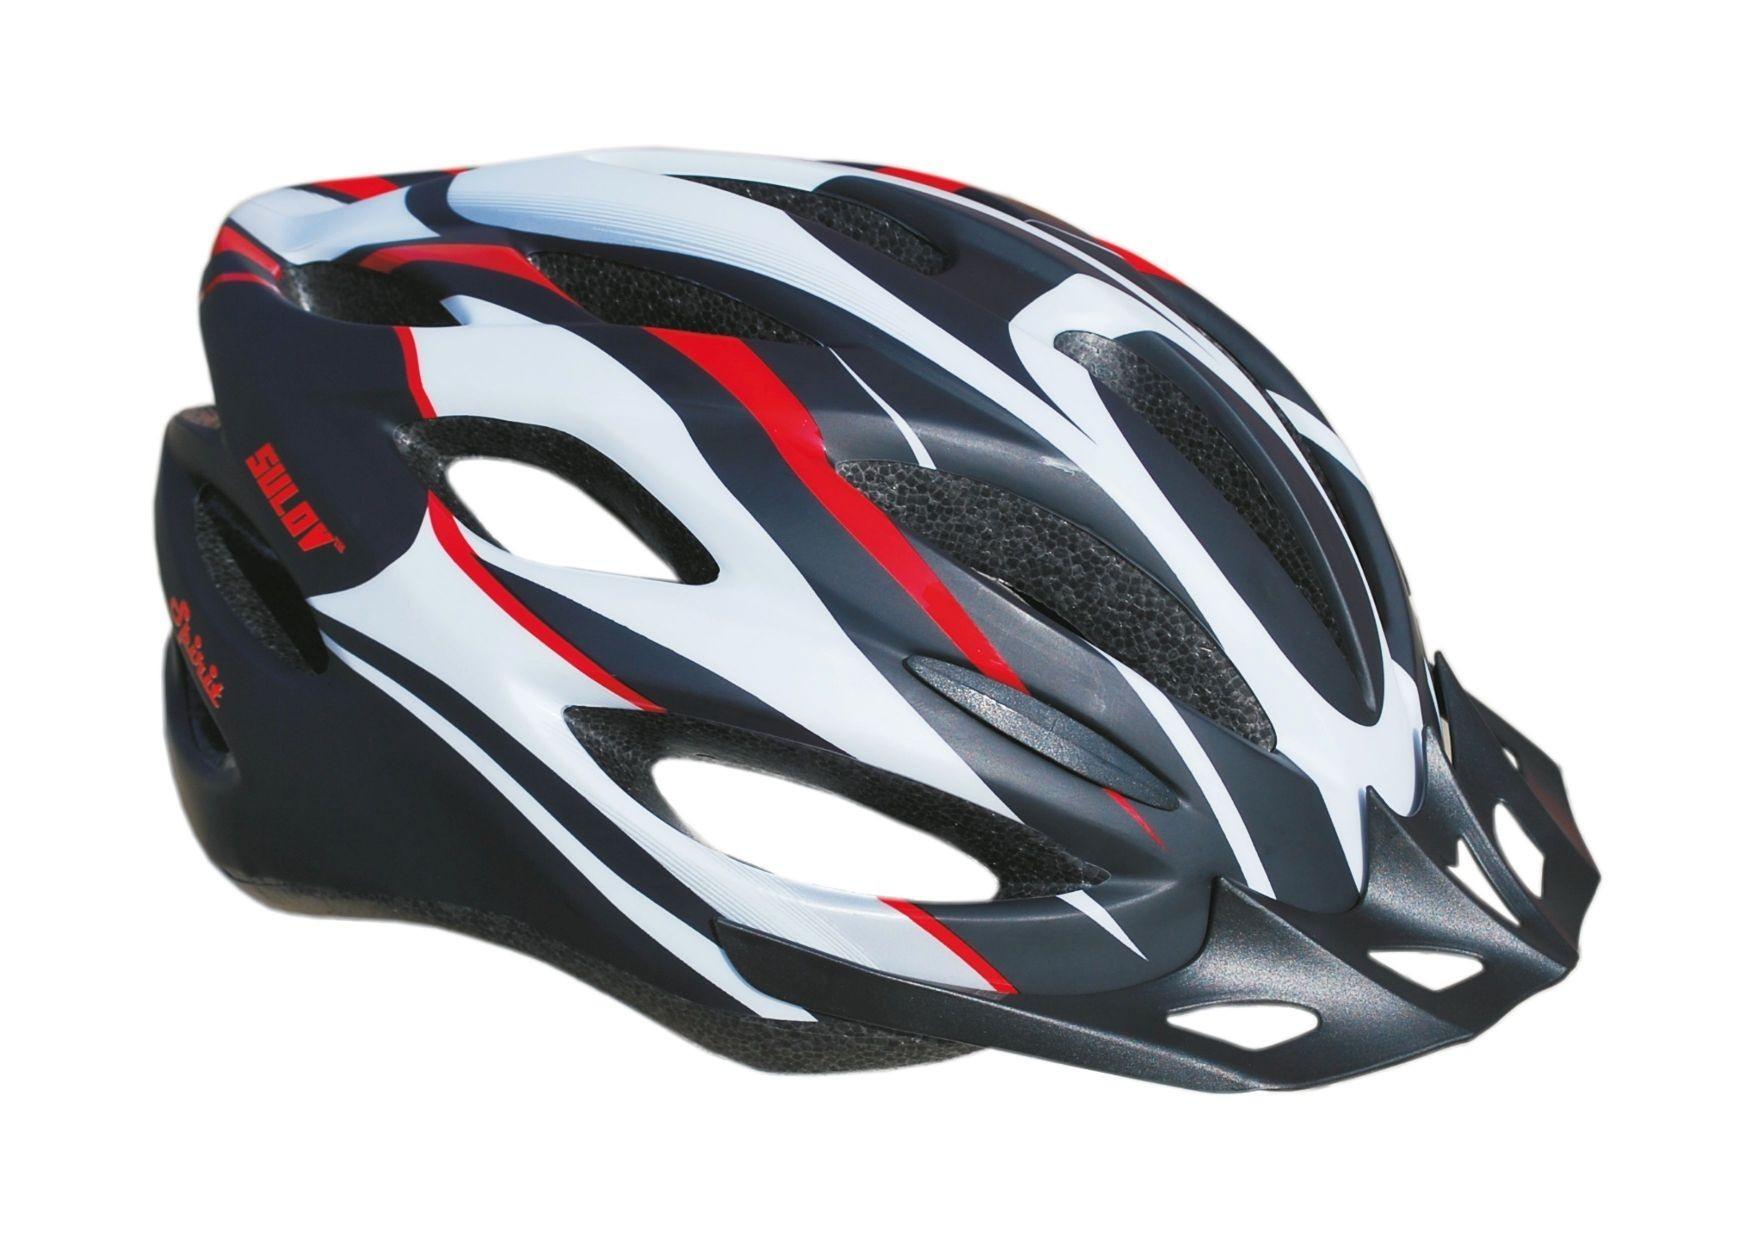 Cyklo helma SULOV SPIRIT, vel. L, černo-červená polomat